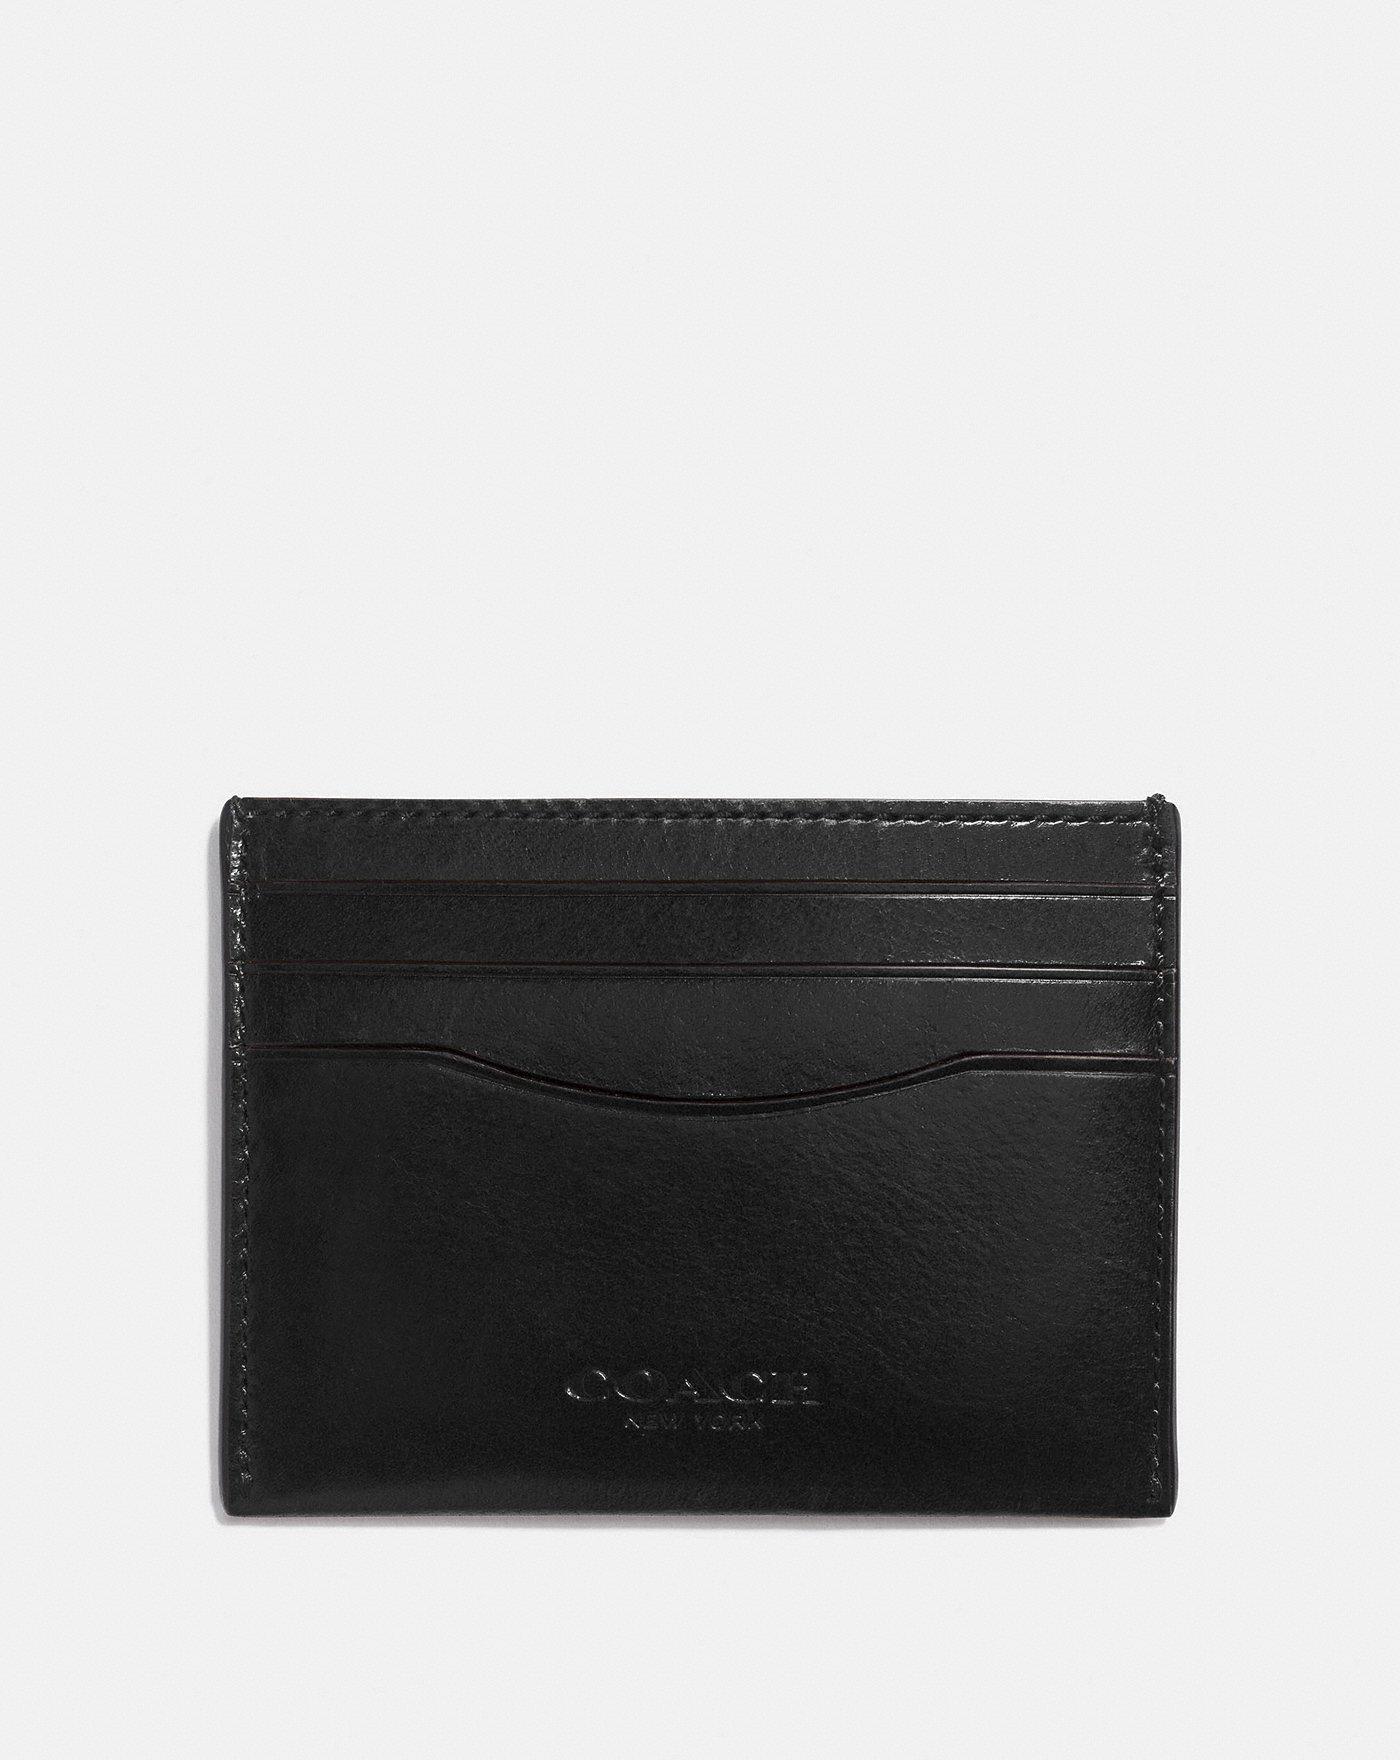 COACH: Card Case